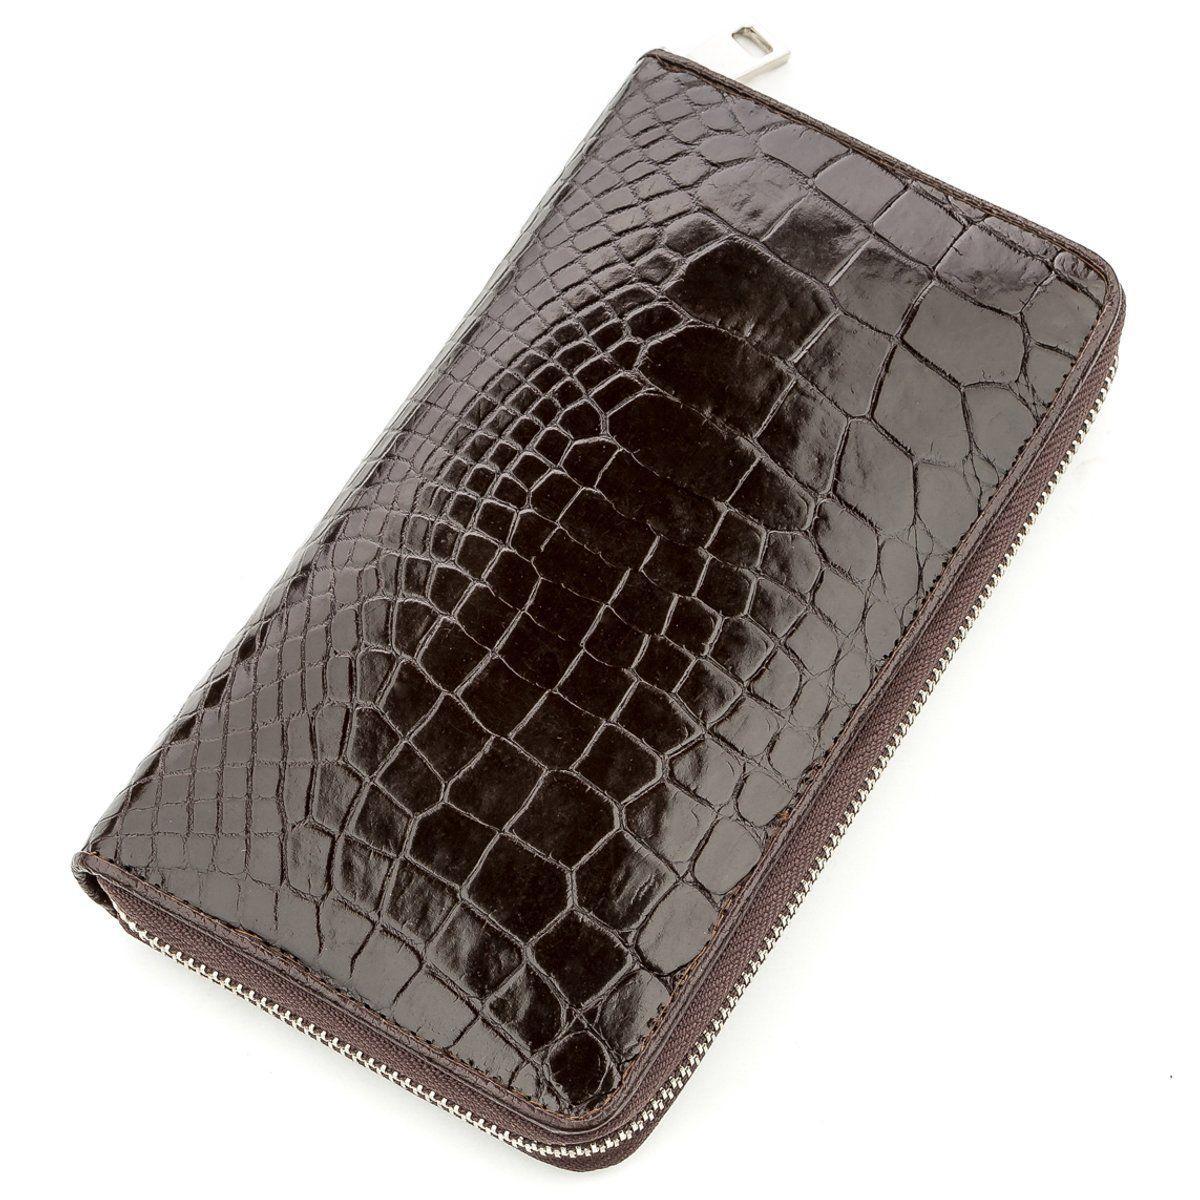 Мужской клатч CROCODILE LEATHER 18527 из натуральной кожи крокодила Коричневый, Коричневый